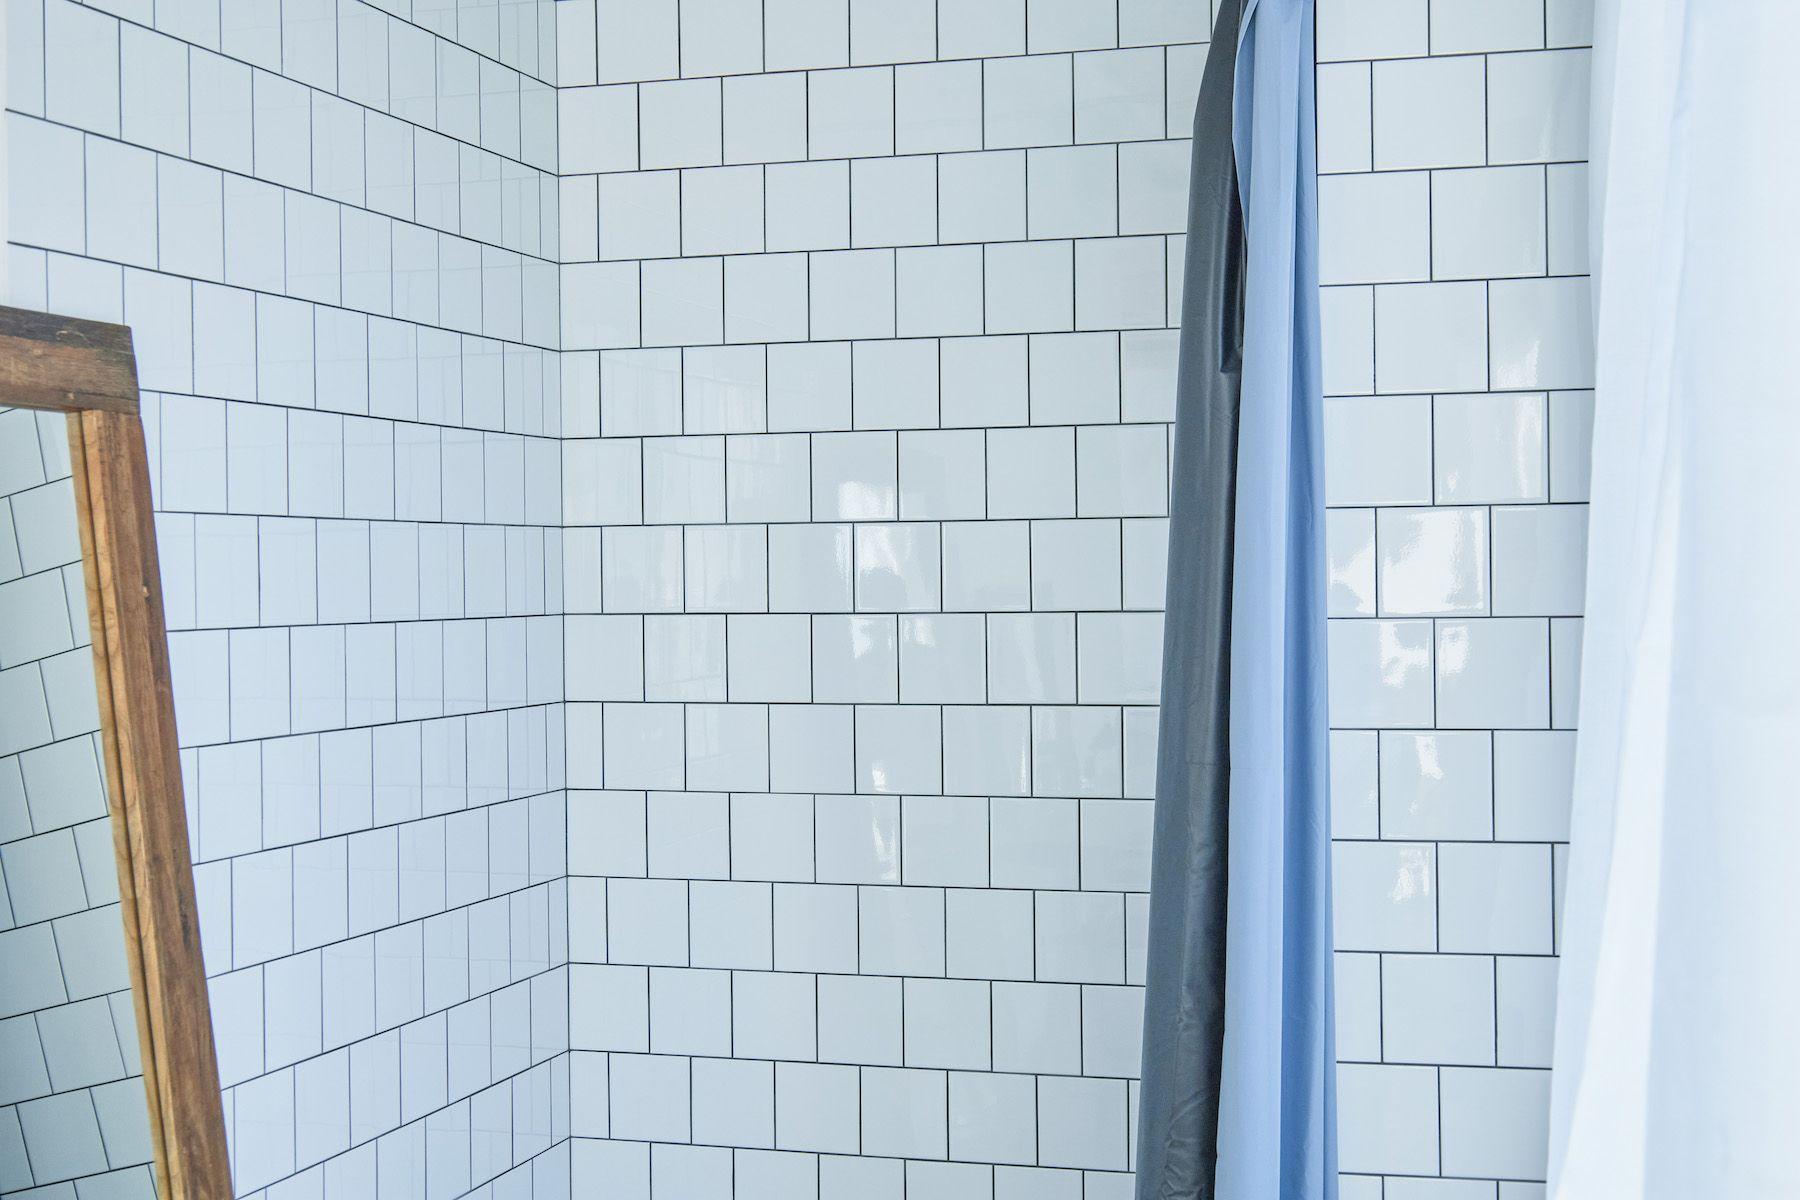 Inspiration studio (インスピレーションスタジオ)白タイル壁で撮影可能